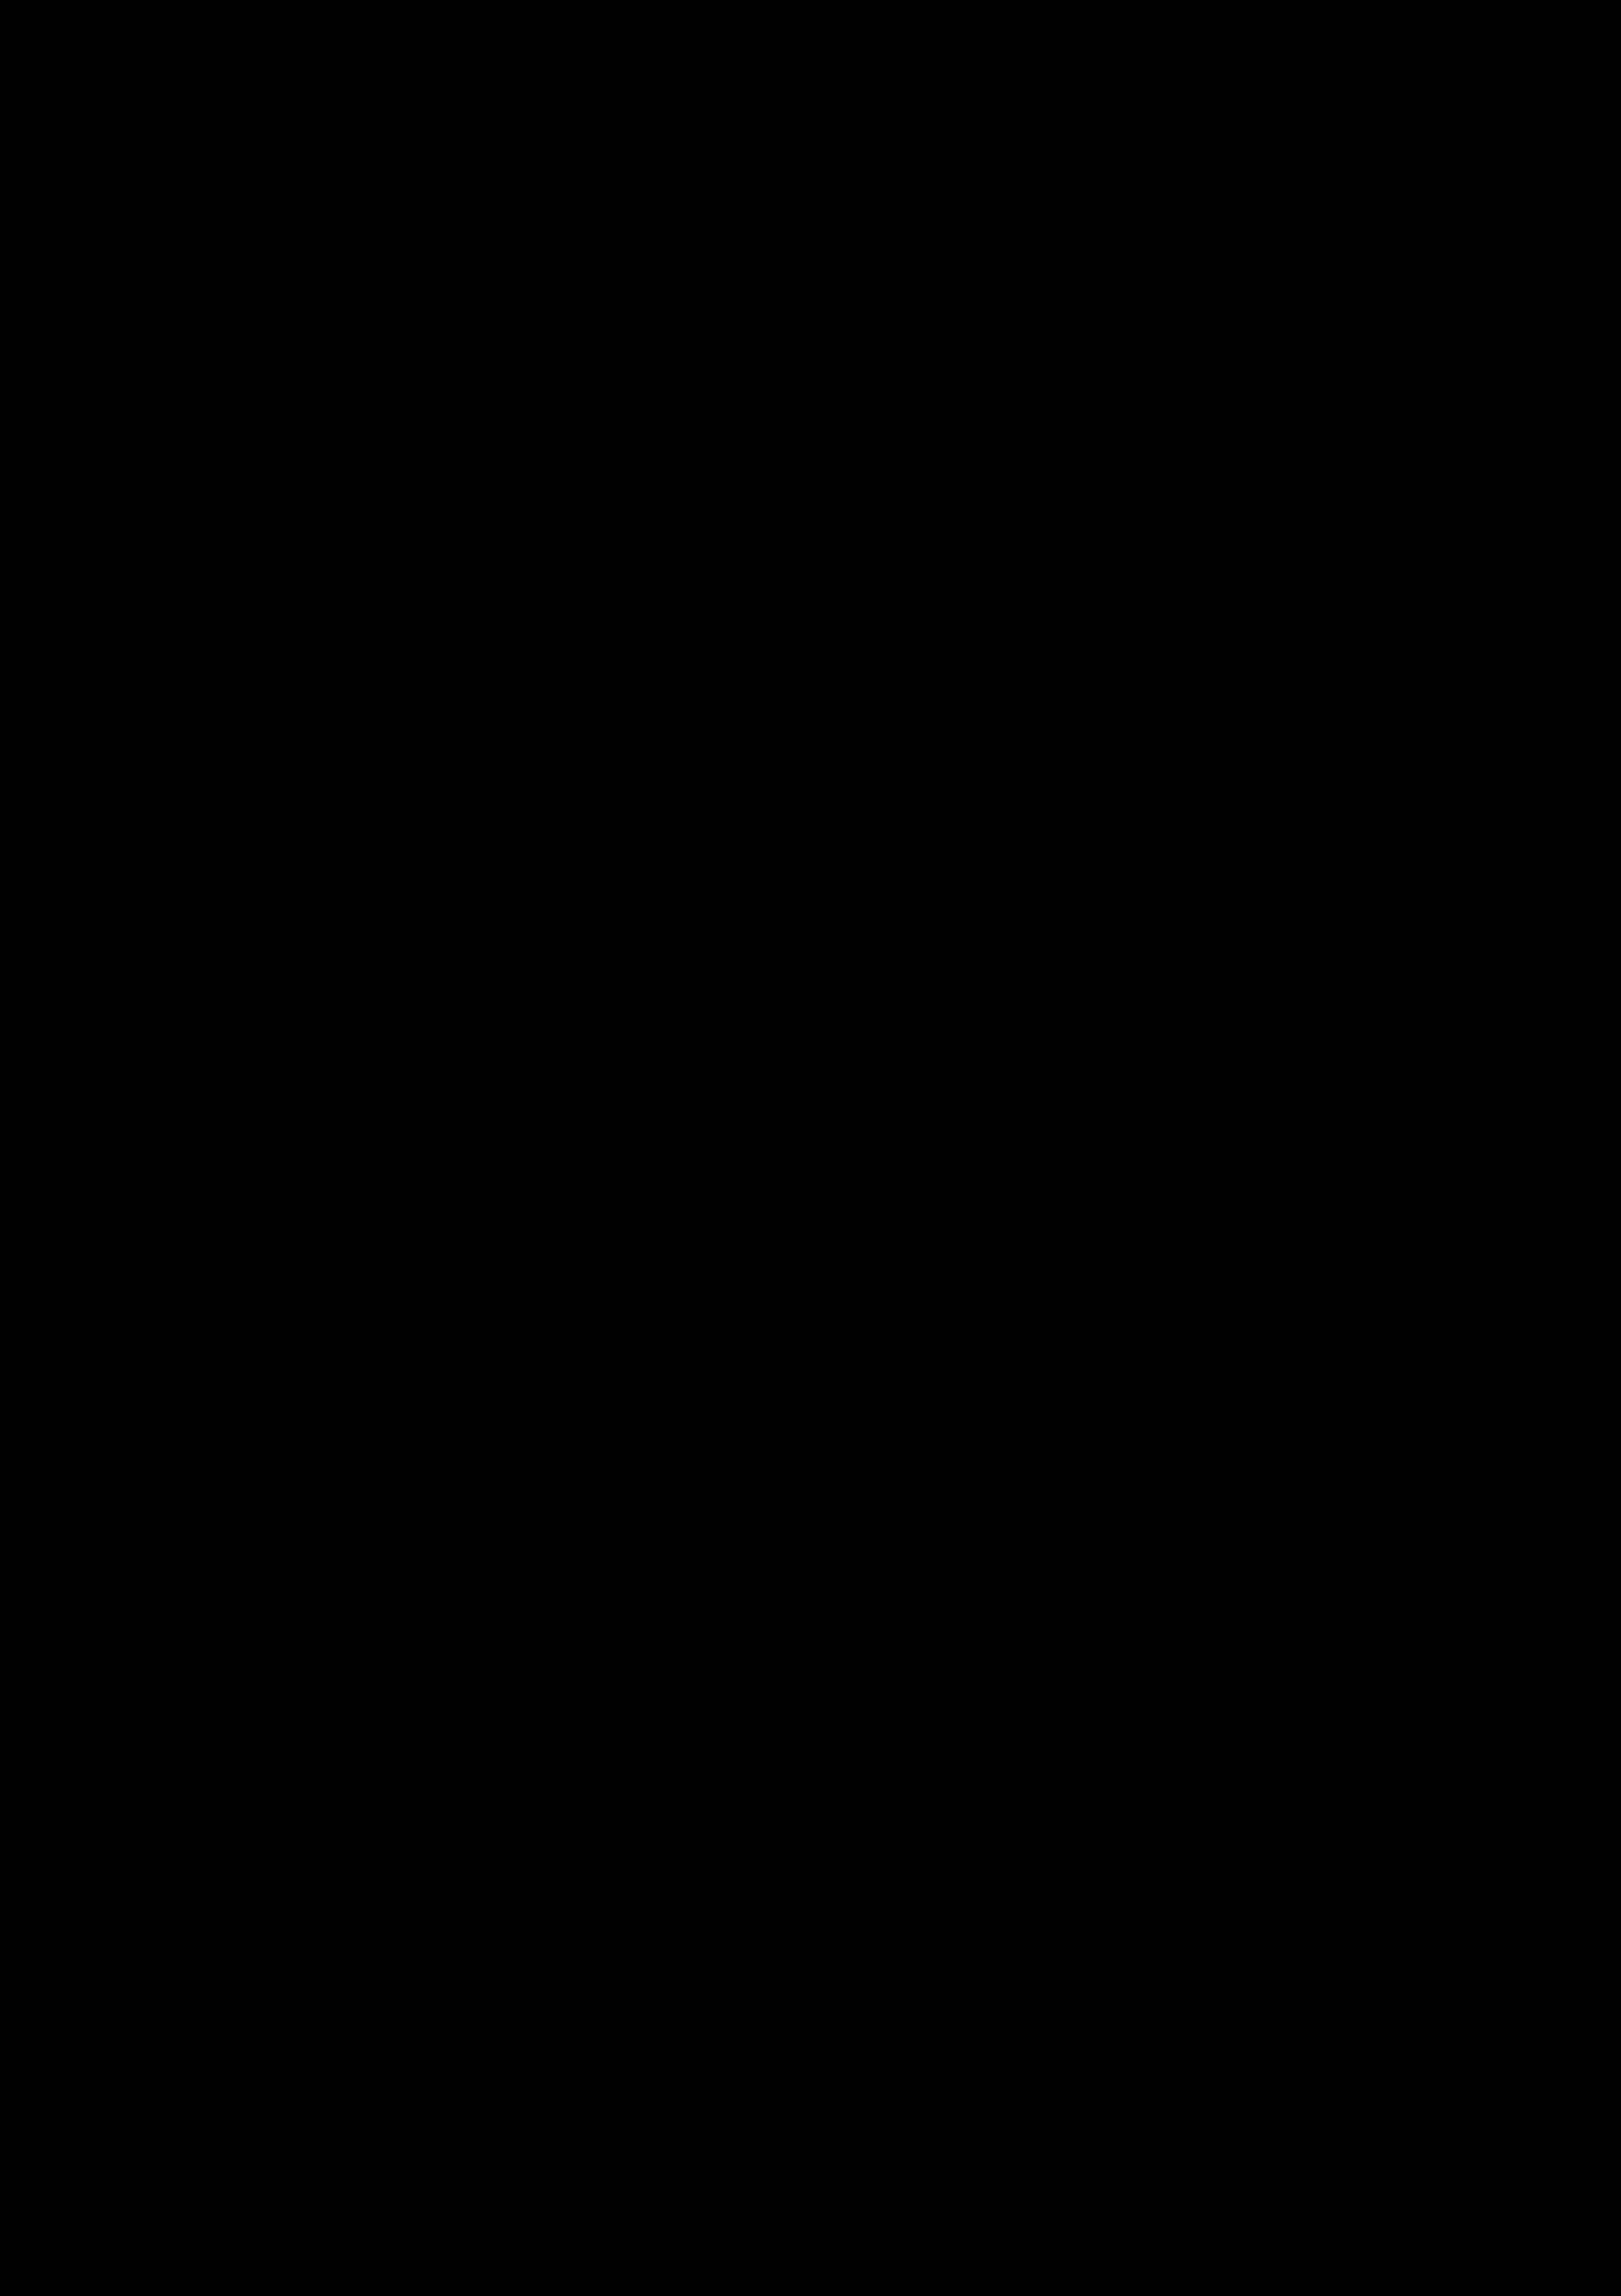 """Plakat der Ausstellung """"Wien 1924. Station der Avantgarde"""" in der Friedrich Kiesler Stiftung, Wien 2018"""